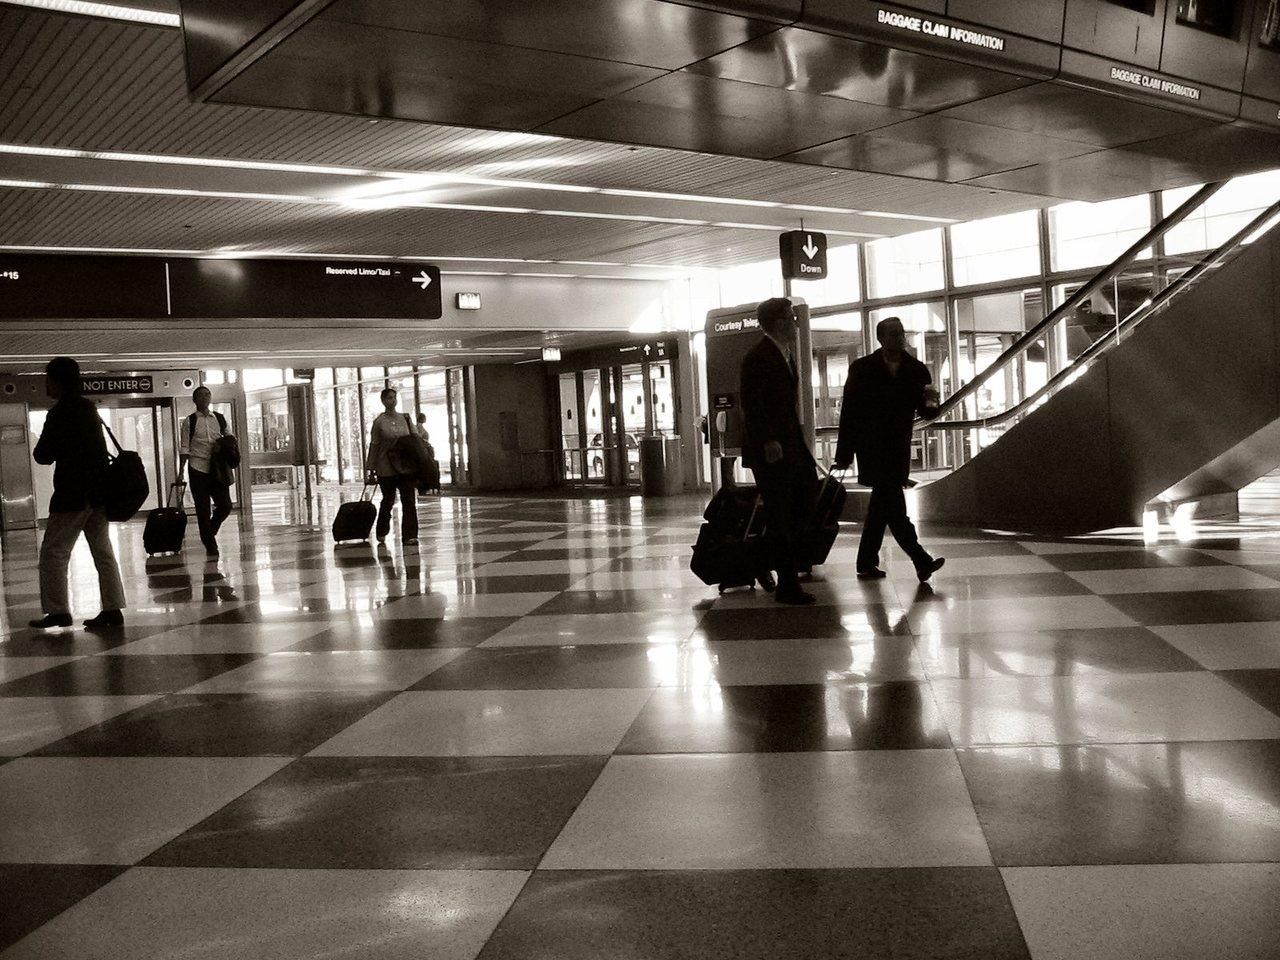 Consideraciones de seguridad cuando viaja solo